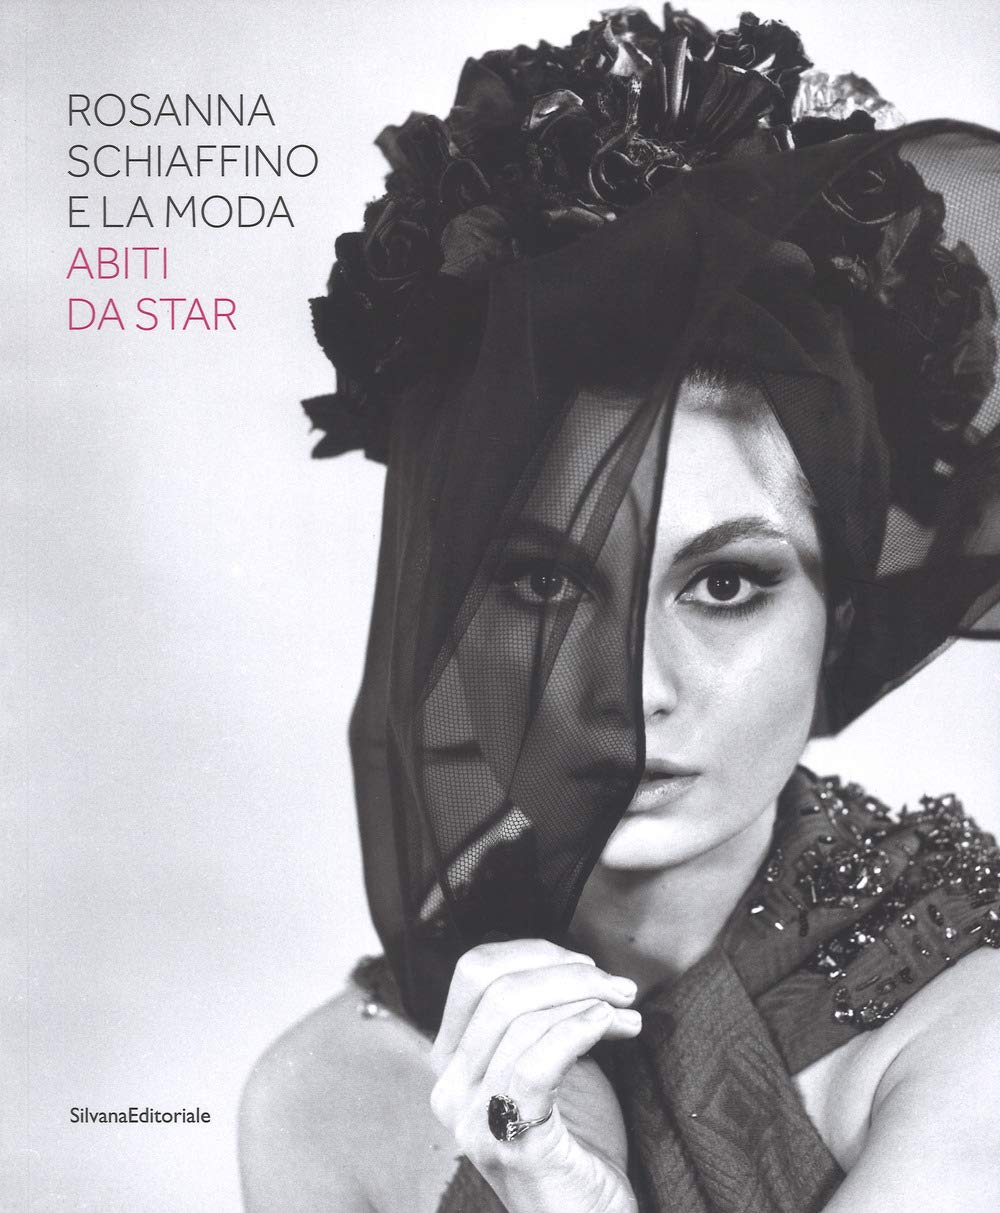 Rosanna Schiaffino e la moda. Abiti da star. Catalogo della mostra (Milano, 20 dicembre 2018-29 settembre 2019). Ediz. illustrata